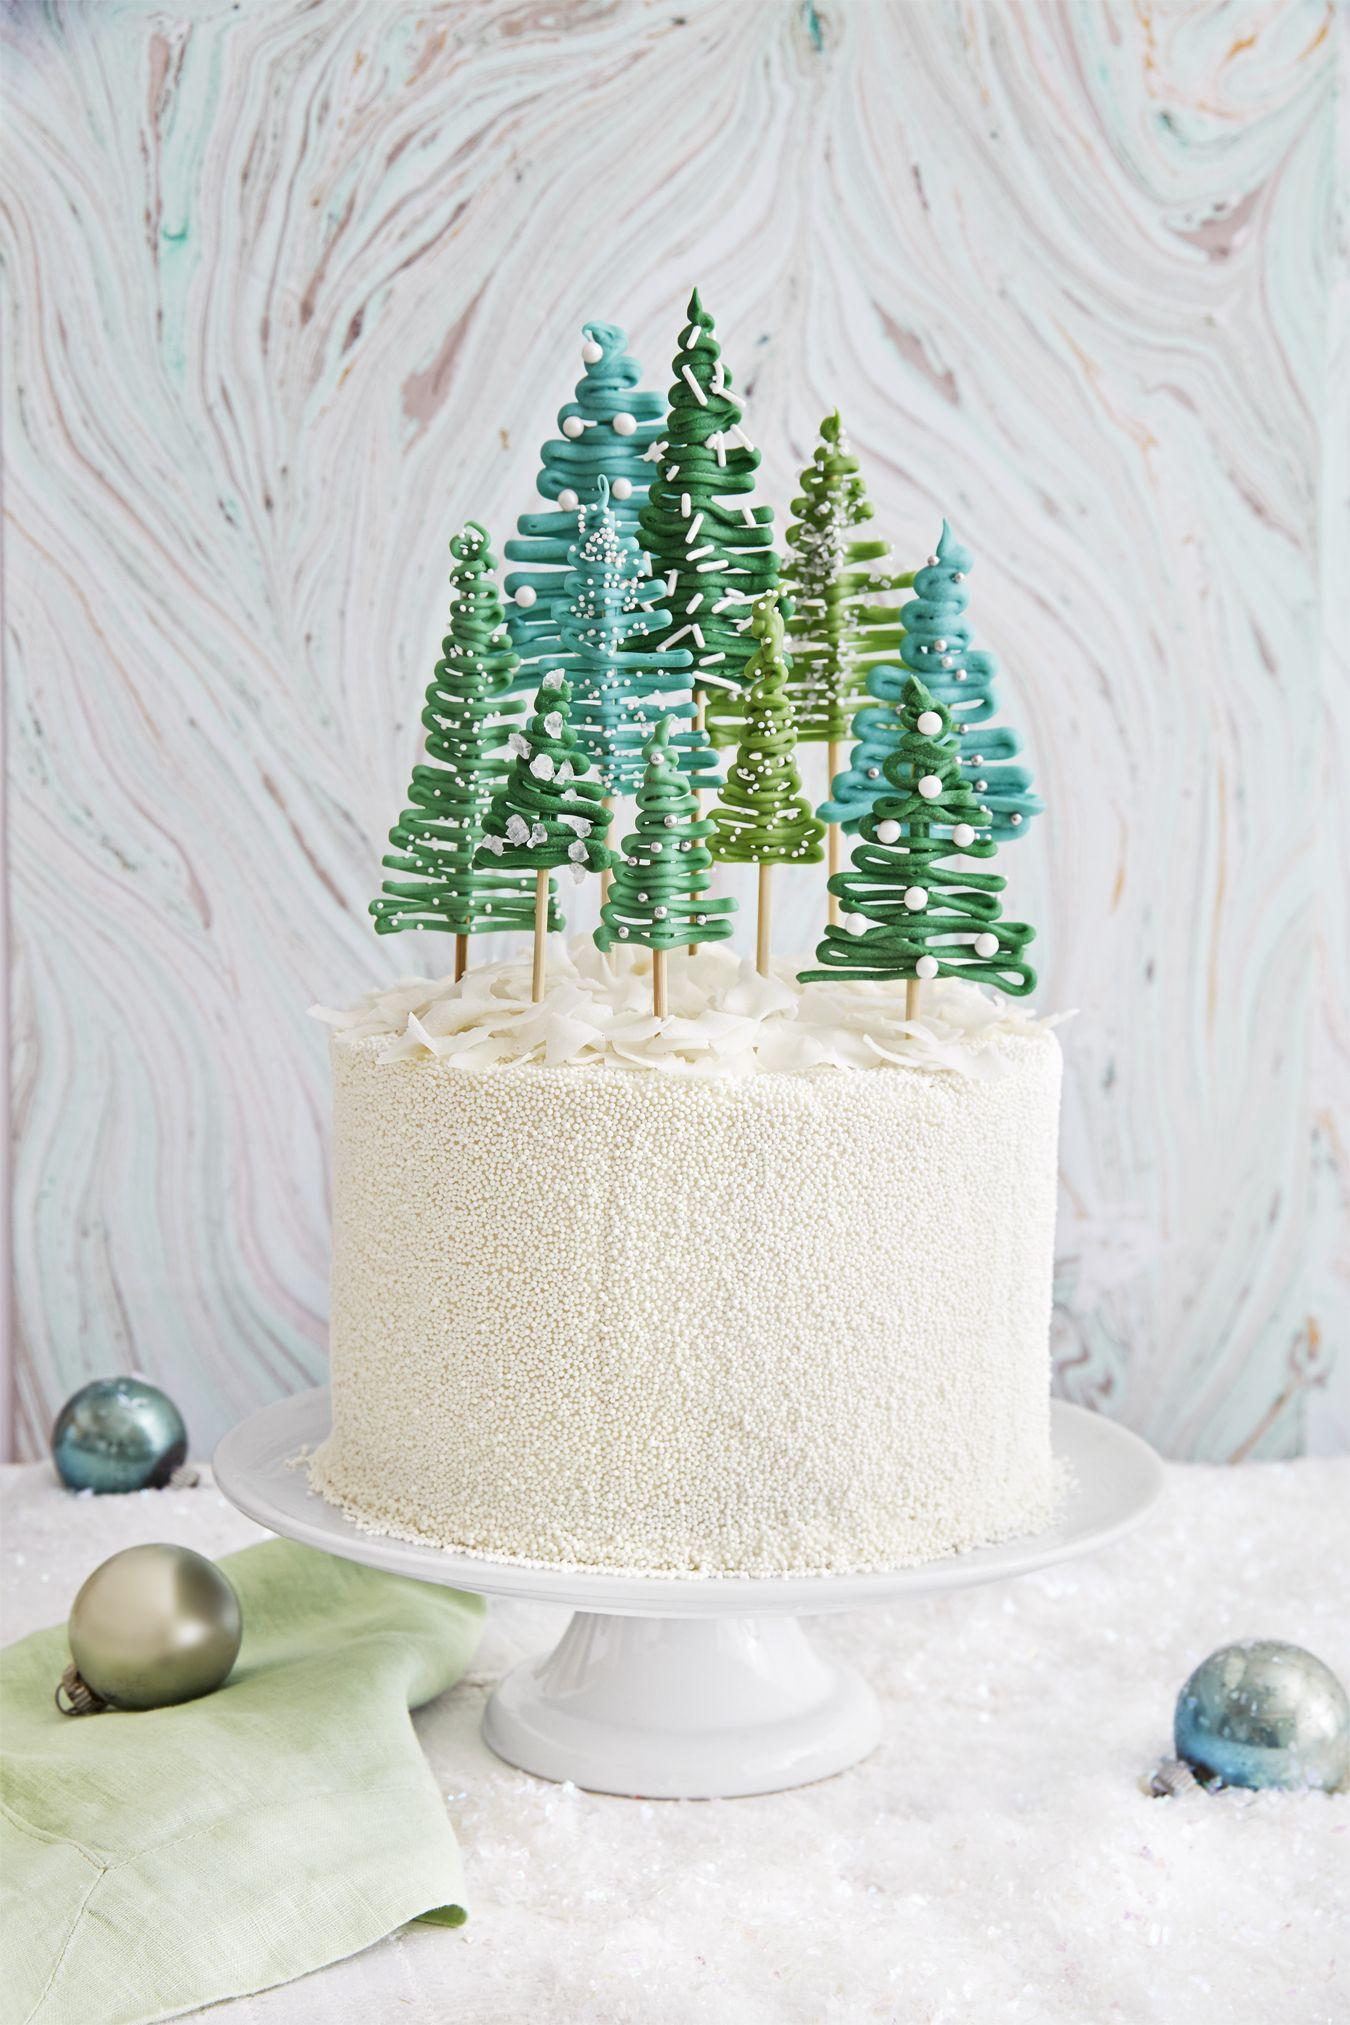 Pine Tree Cake Country Living Recipe Christmas Baking Best Christmas Cake Recipe Christmas Cake Recipes